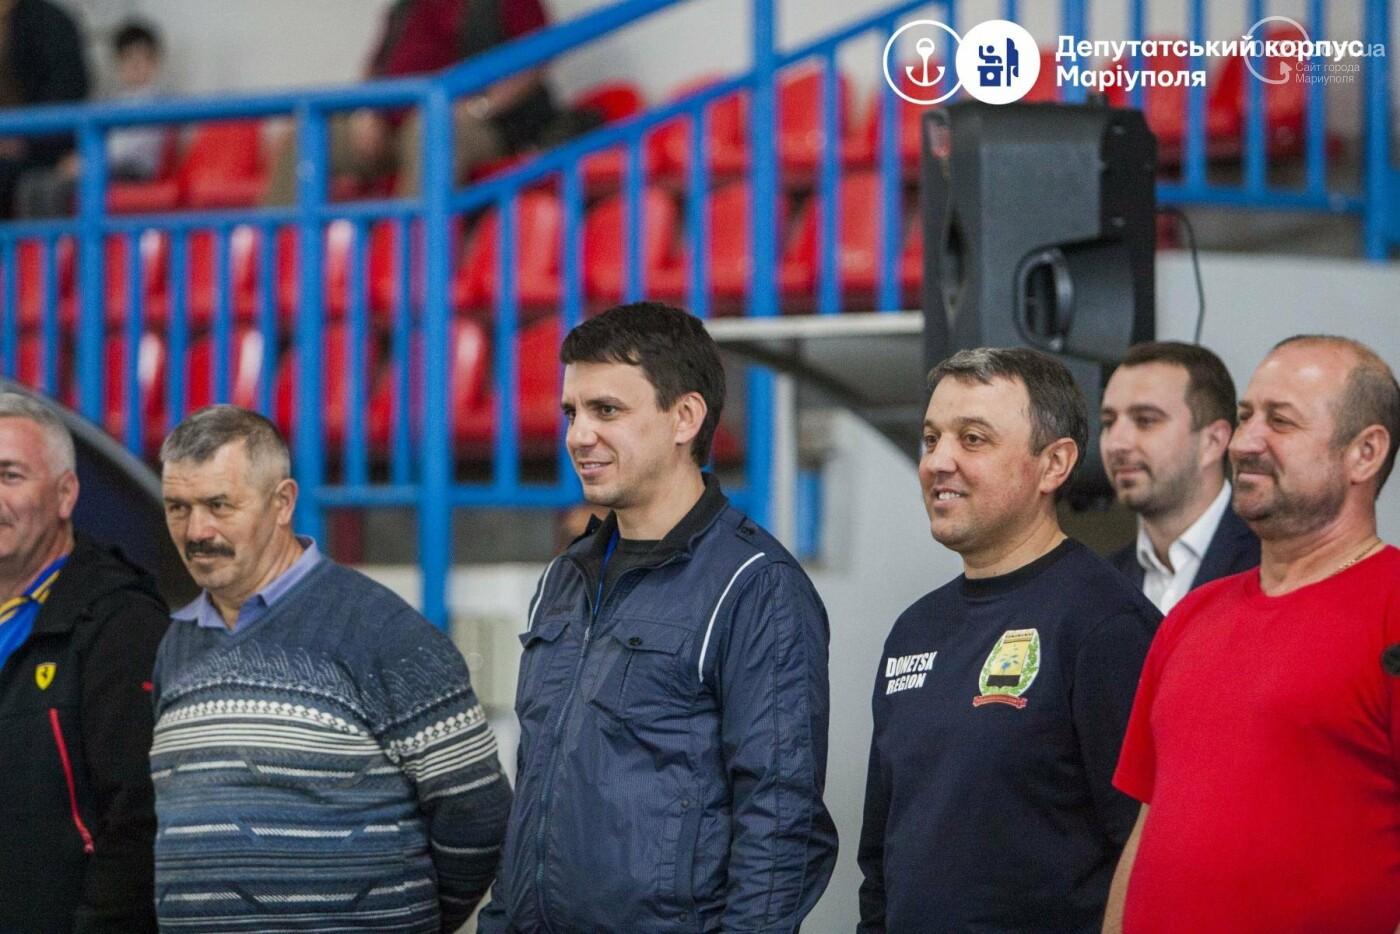 В Мариуполь съехались депутаты, чтобы поиграть в футбол и шашки (ФОТО+ВИДЕО), фото-2